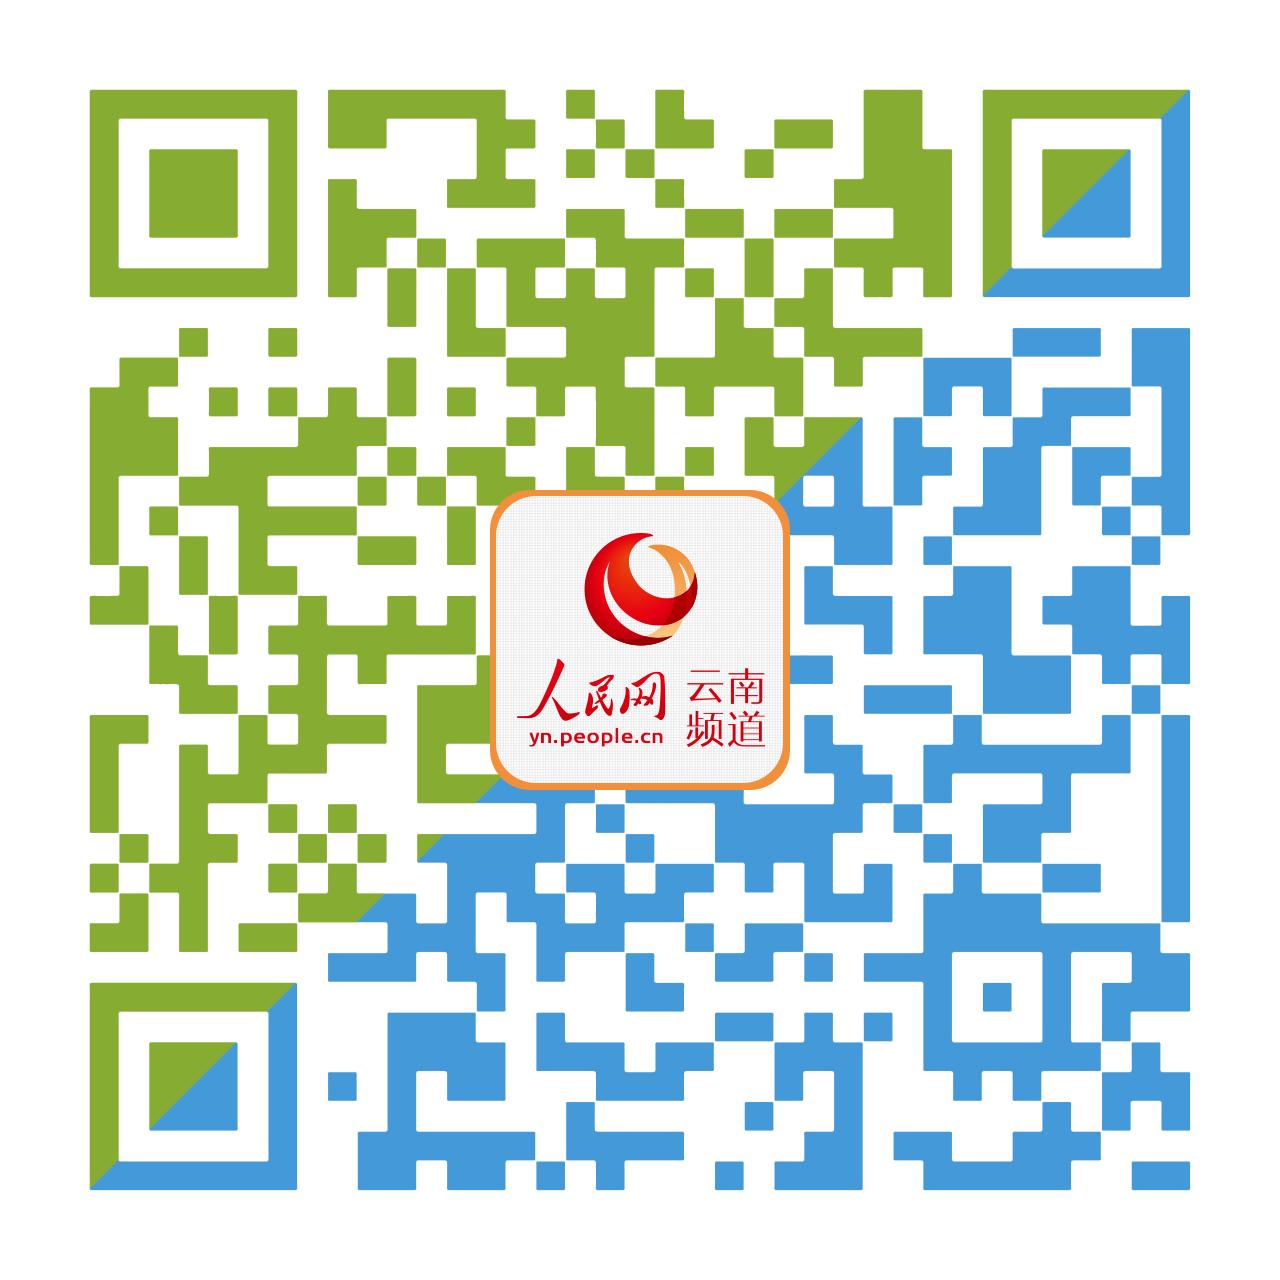 扫一扫关注人民网餐饮领班管理云南频道